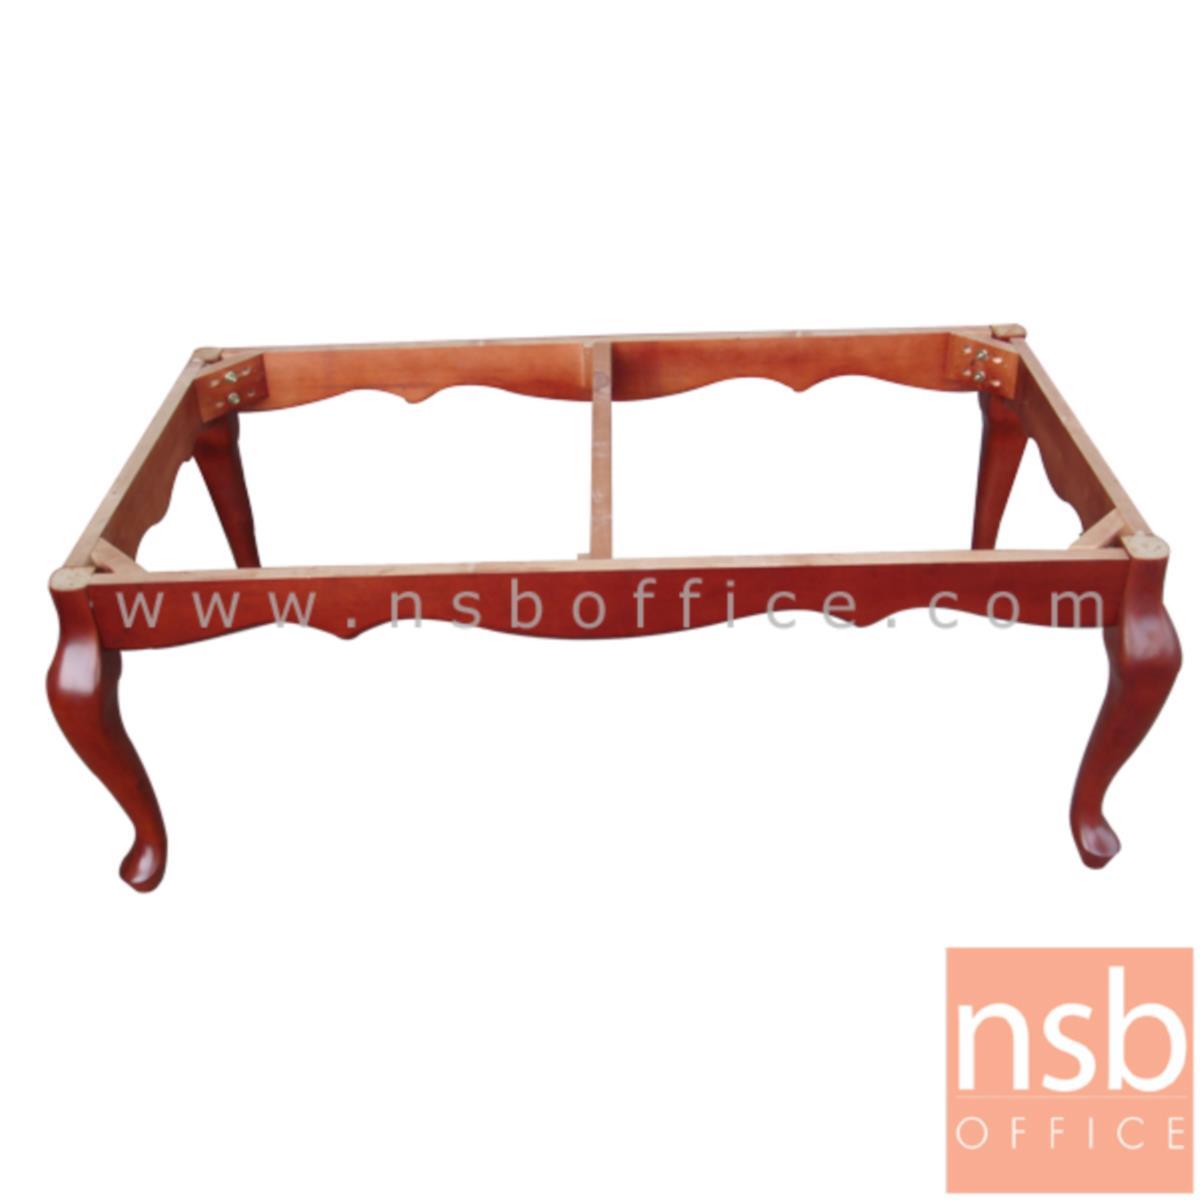 โต๊ะกลางหินอ่อน  รุ่น MABLE-สิงห์ ขนาด 120W cm. ขาไม้